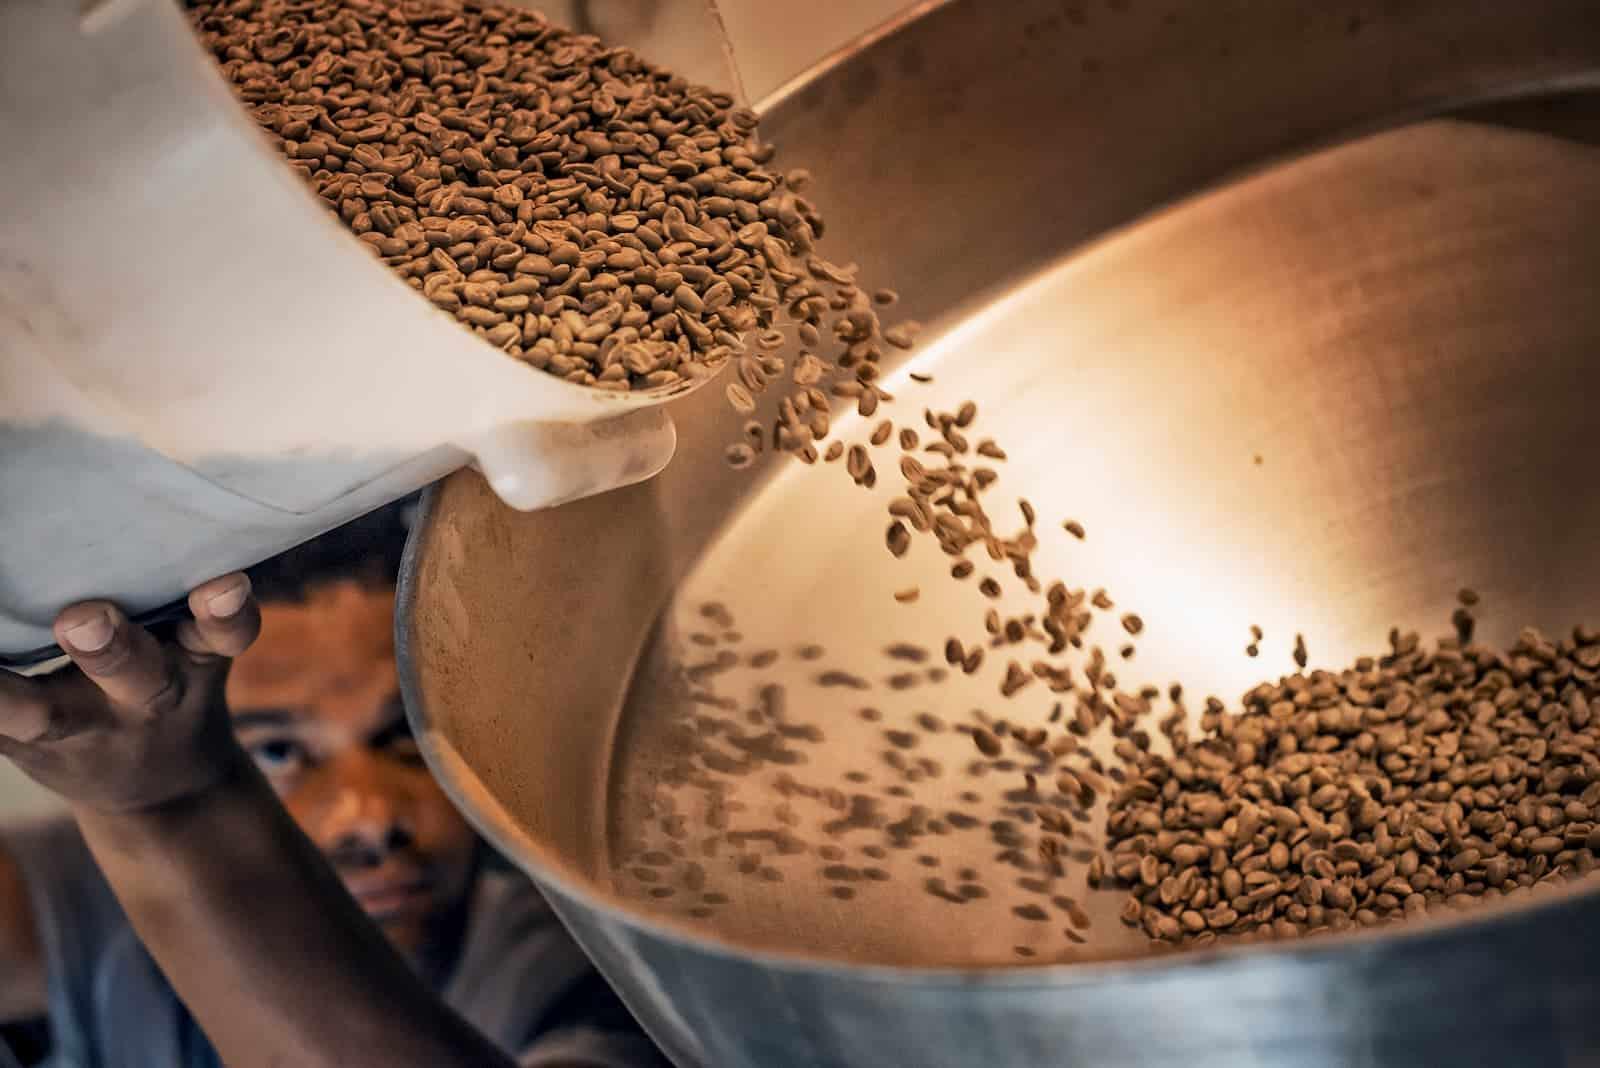 processo de mistura de grãos